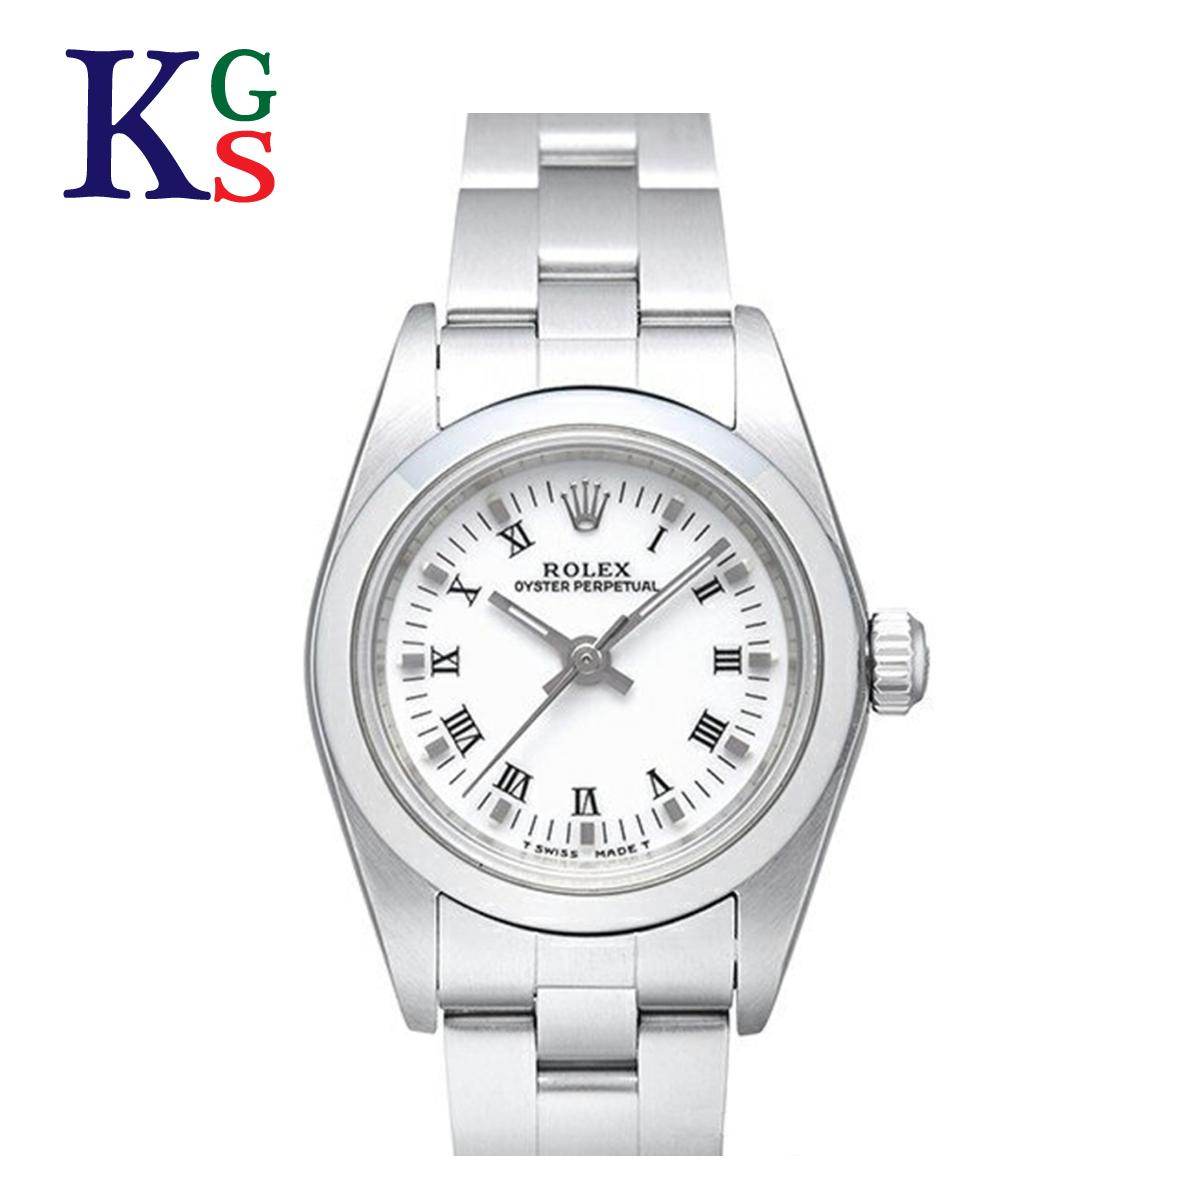 【ギフト品質】ロレックス/ROLEX レディース 腕時計 オイスターパーペチュアル ローマンインデックス ホワイト文字盤 シルバー 76080 自動巻き